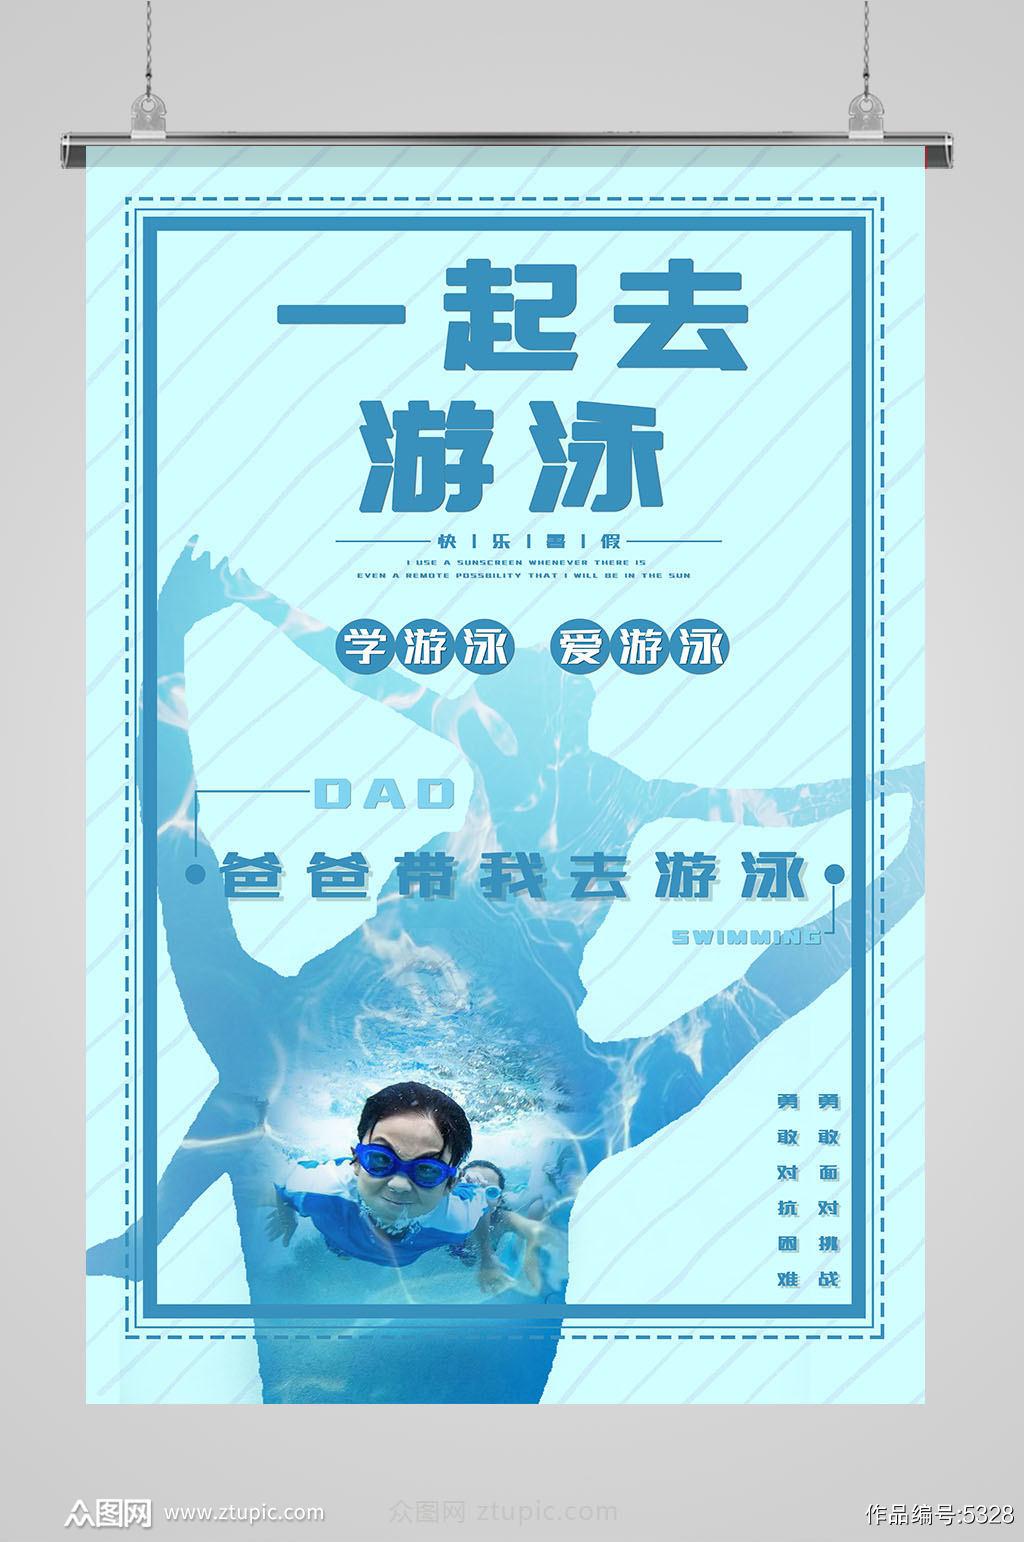 游泳馆开业海报展板宣传背景素材